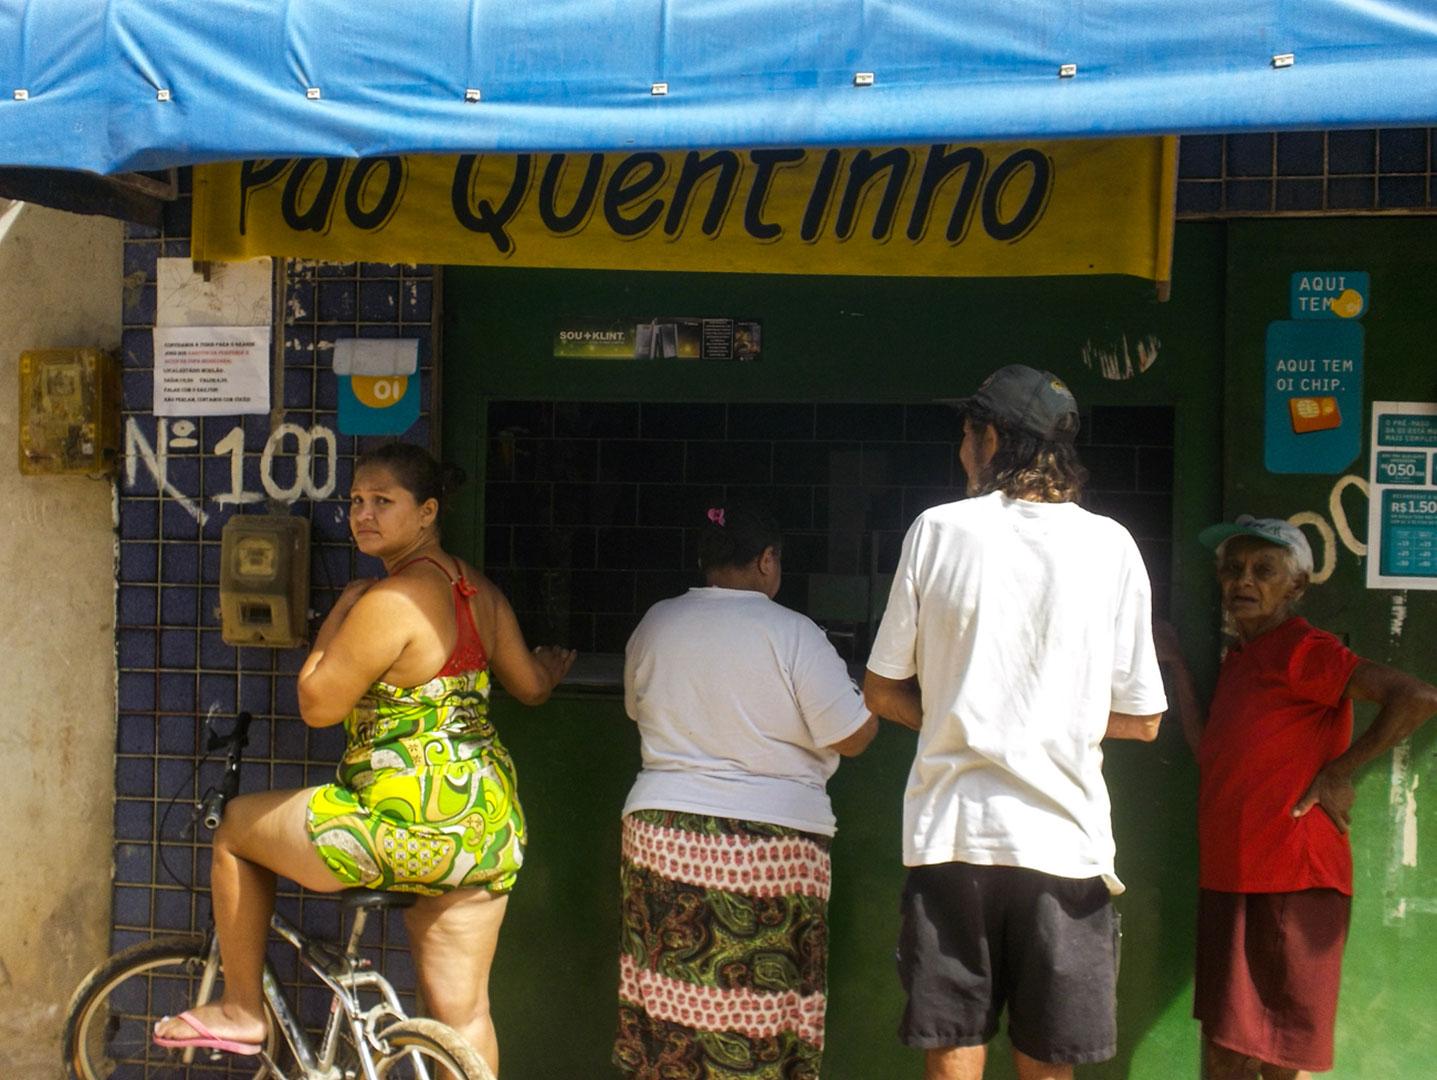 fortaleza-brazil-by-polina-paraskevopoulou-la-vie-en-blog-62